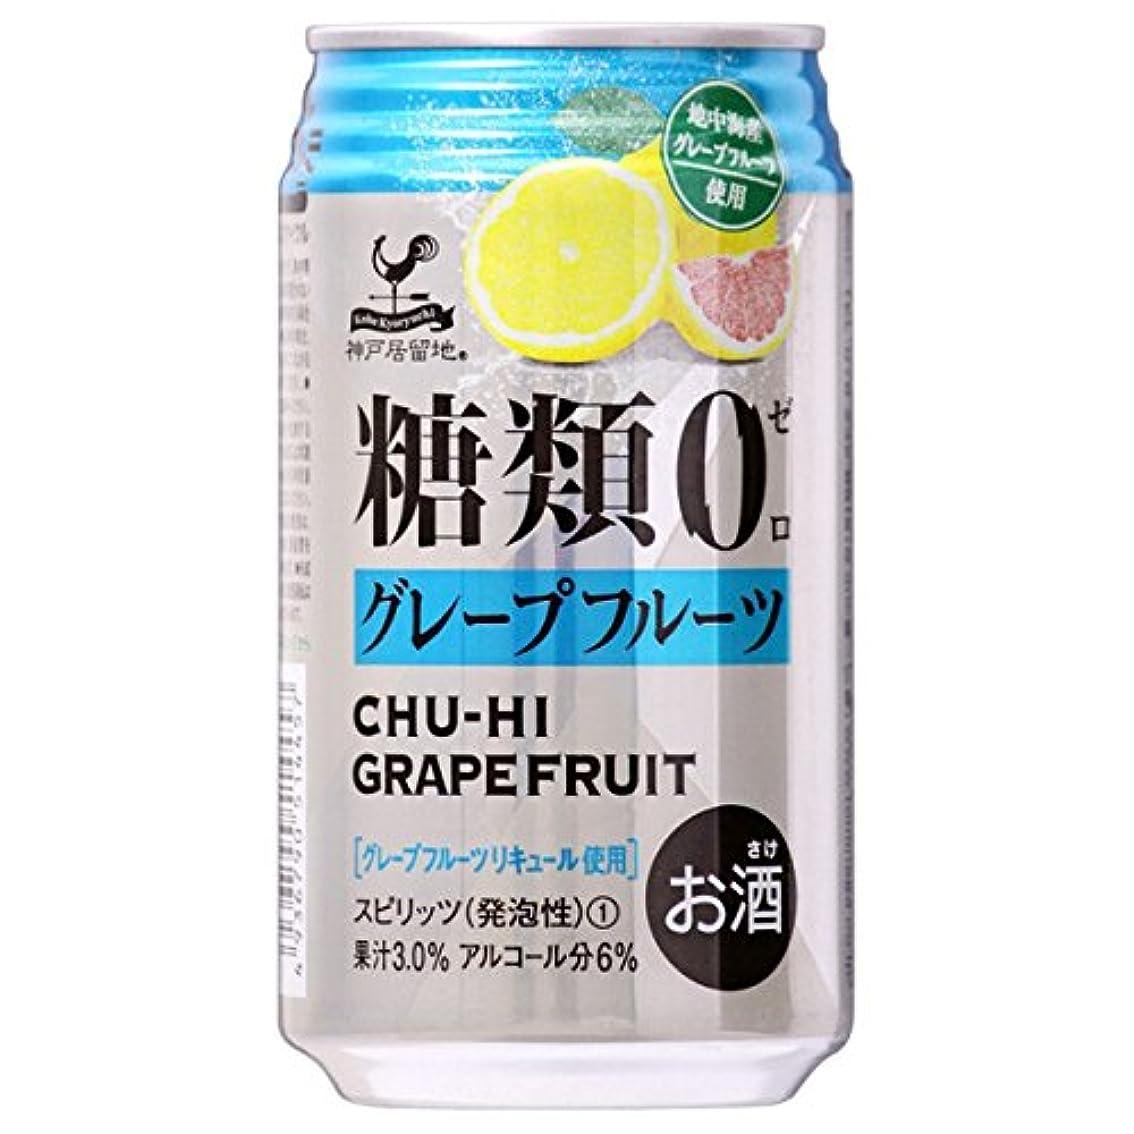 ほぼ思いつく逸話神戸居留地 チューハイ グレープフルーツ 糖類ゼロ (350ml×24本)×2ケース